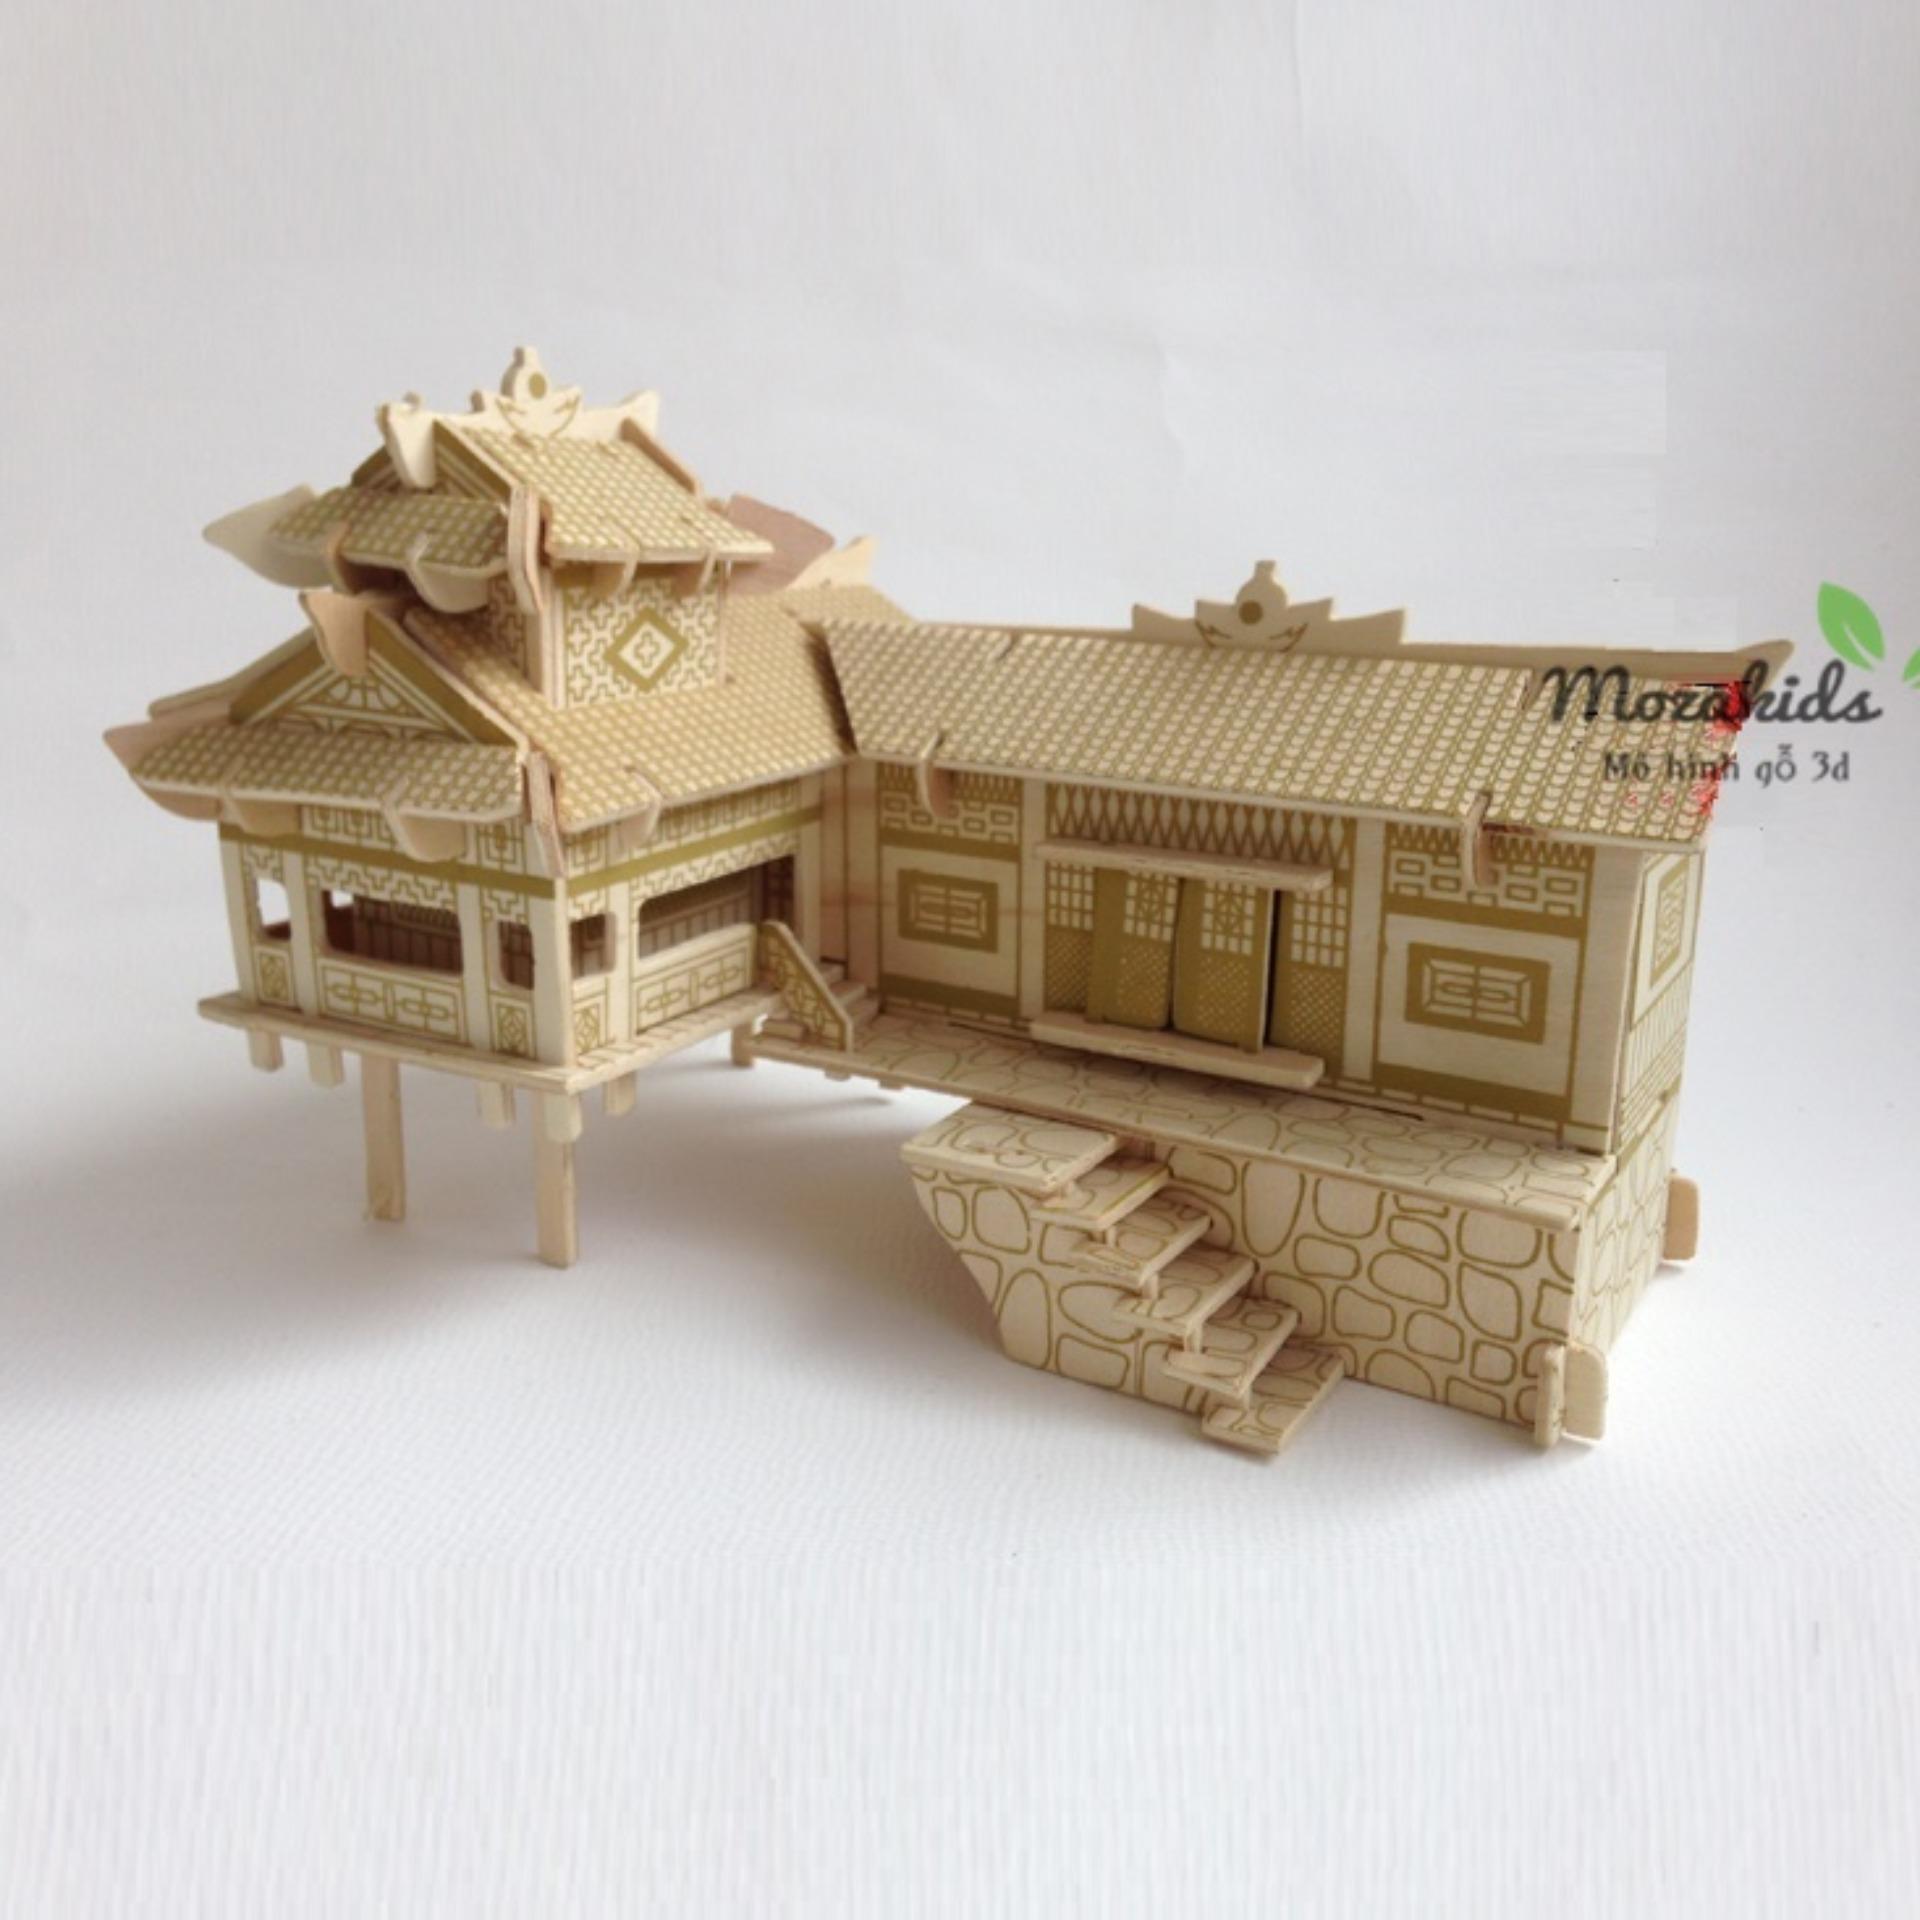 Đồ Chơi Lắp Ráp Gỗ 3d Mô Hình Nhà Sàn By Mozakid - Mô Hình Gỗ 3d.